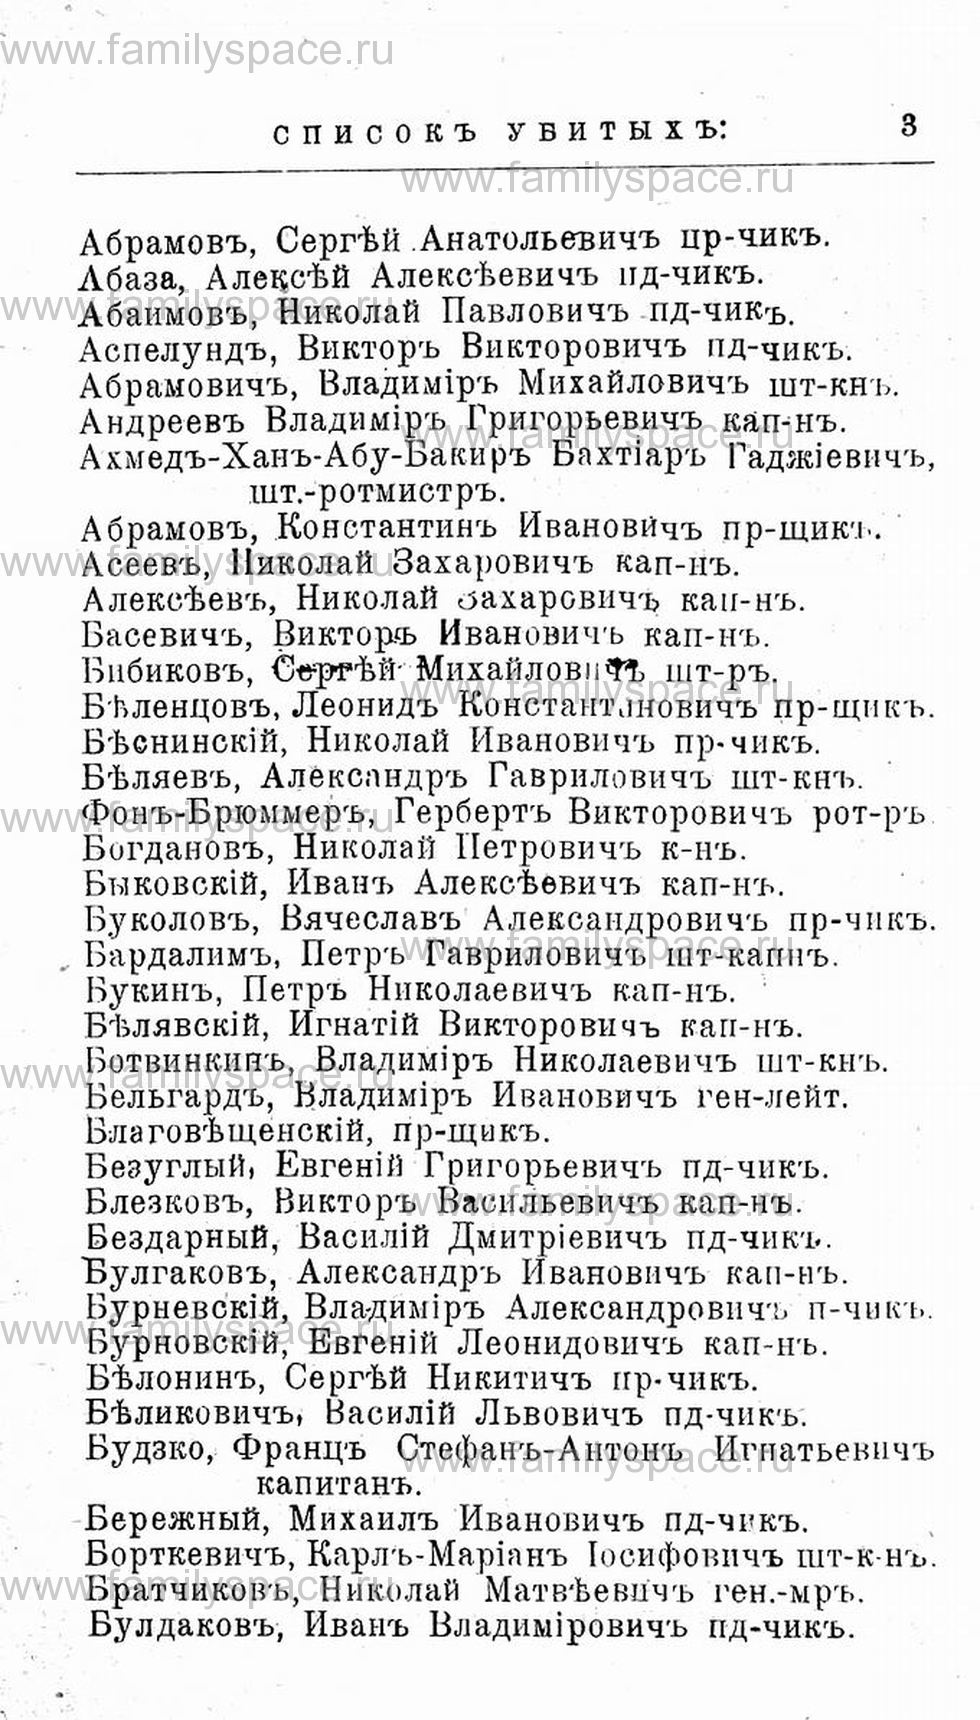 Поиск по фамилии - Война - 1914 (списки убитых и раненых), страница 3